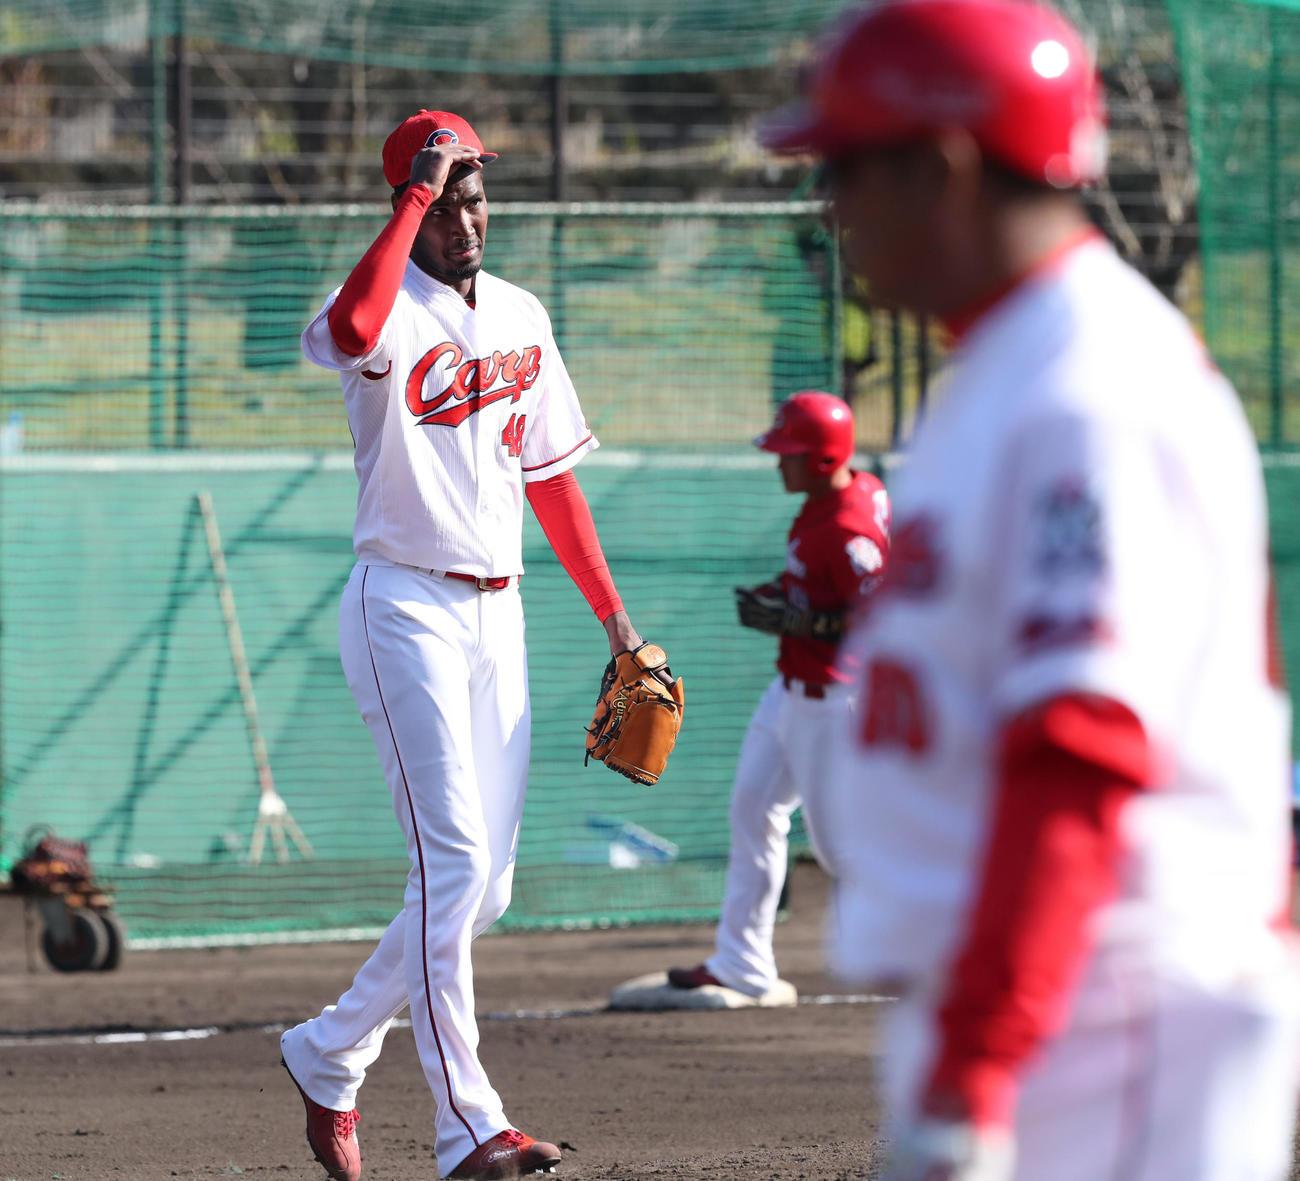 紅白戦 2回表紅1死二塁、正随に右越え2点本塁打を浴びるアドゥワ(撮影・梅根麻紀)